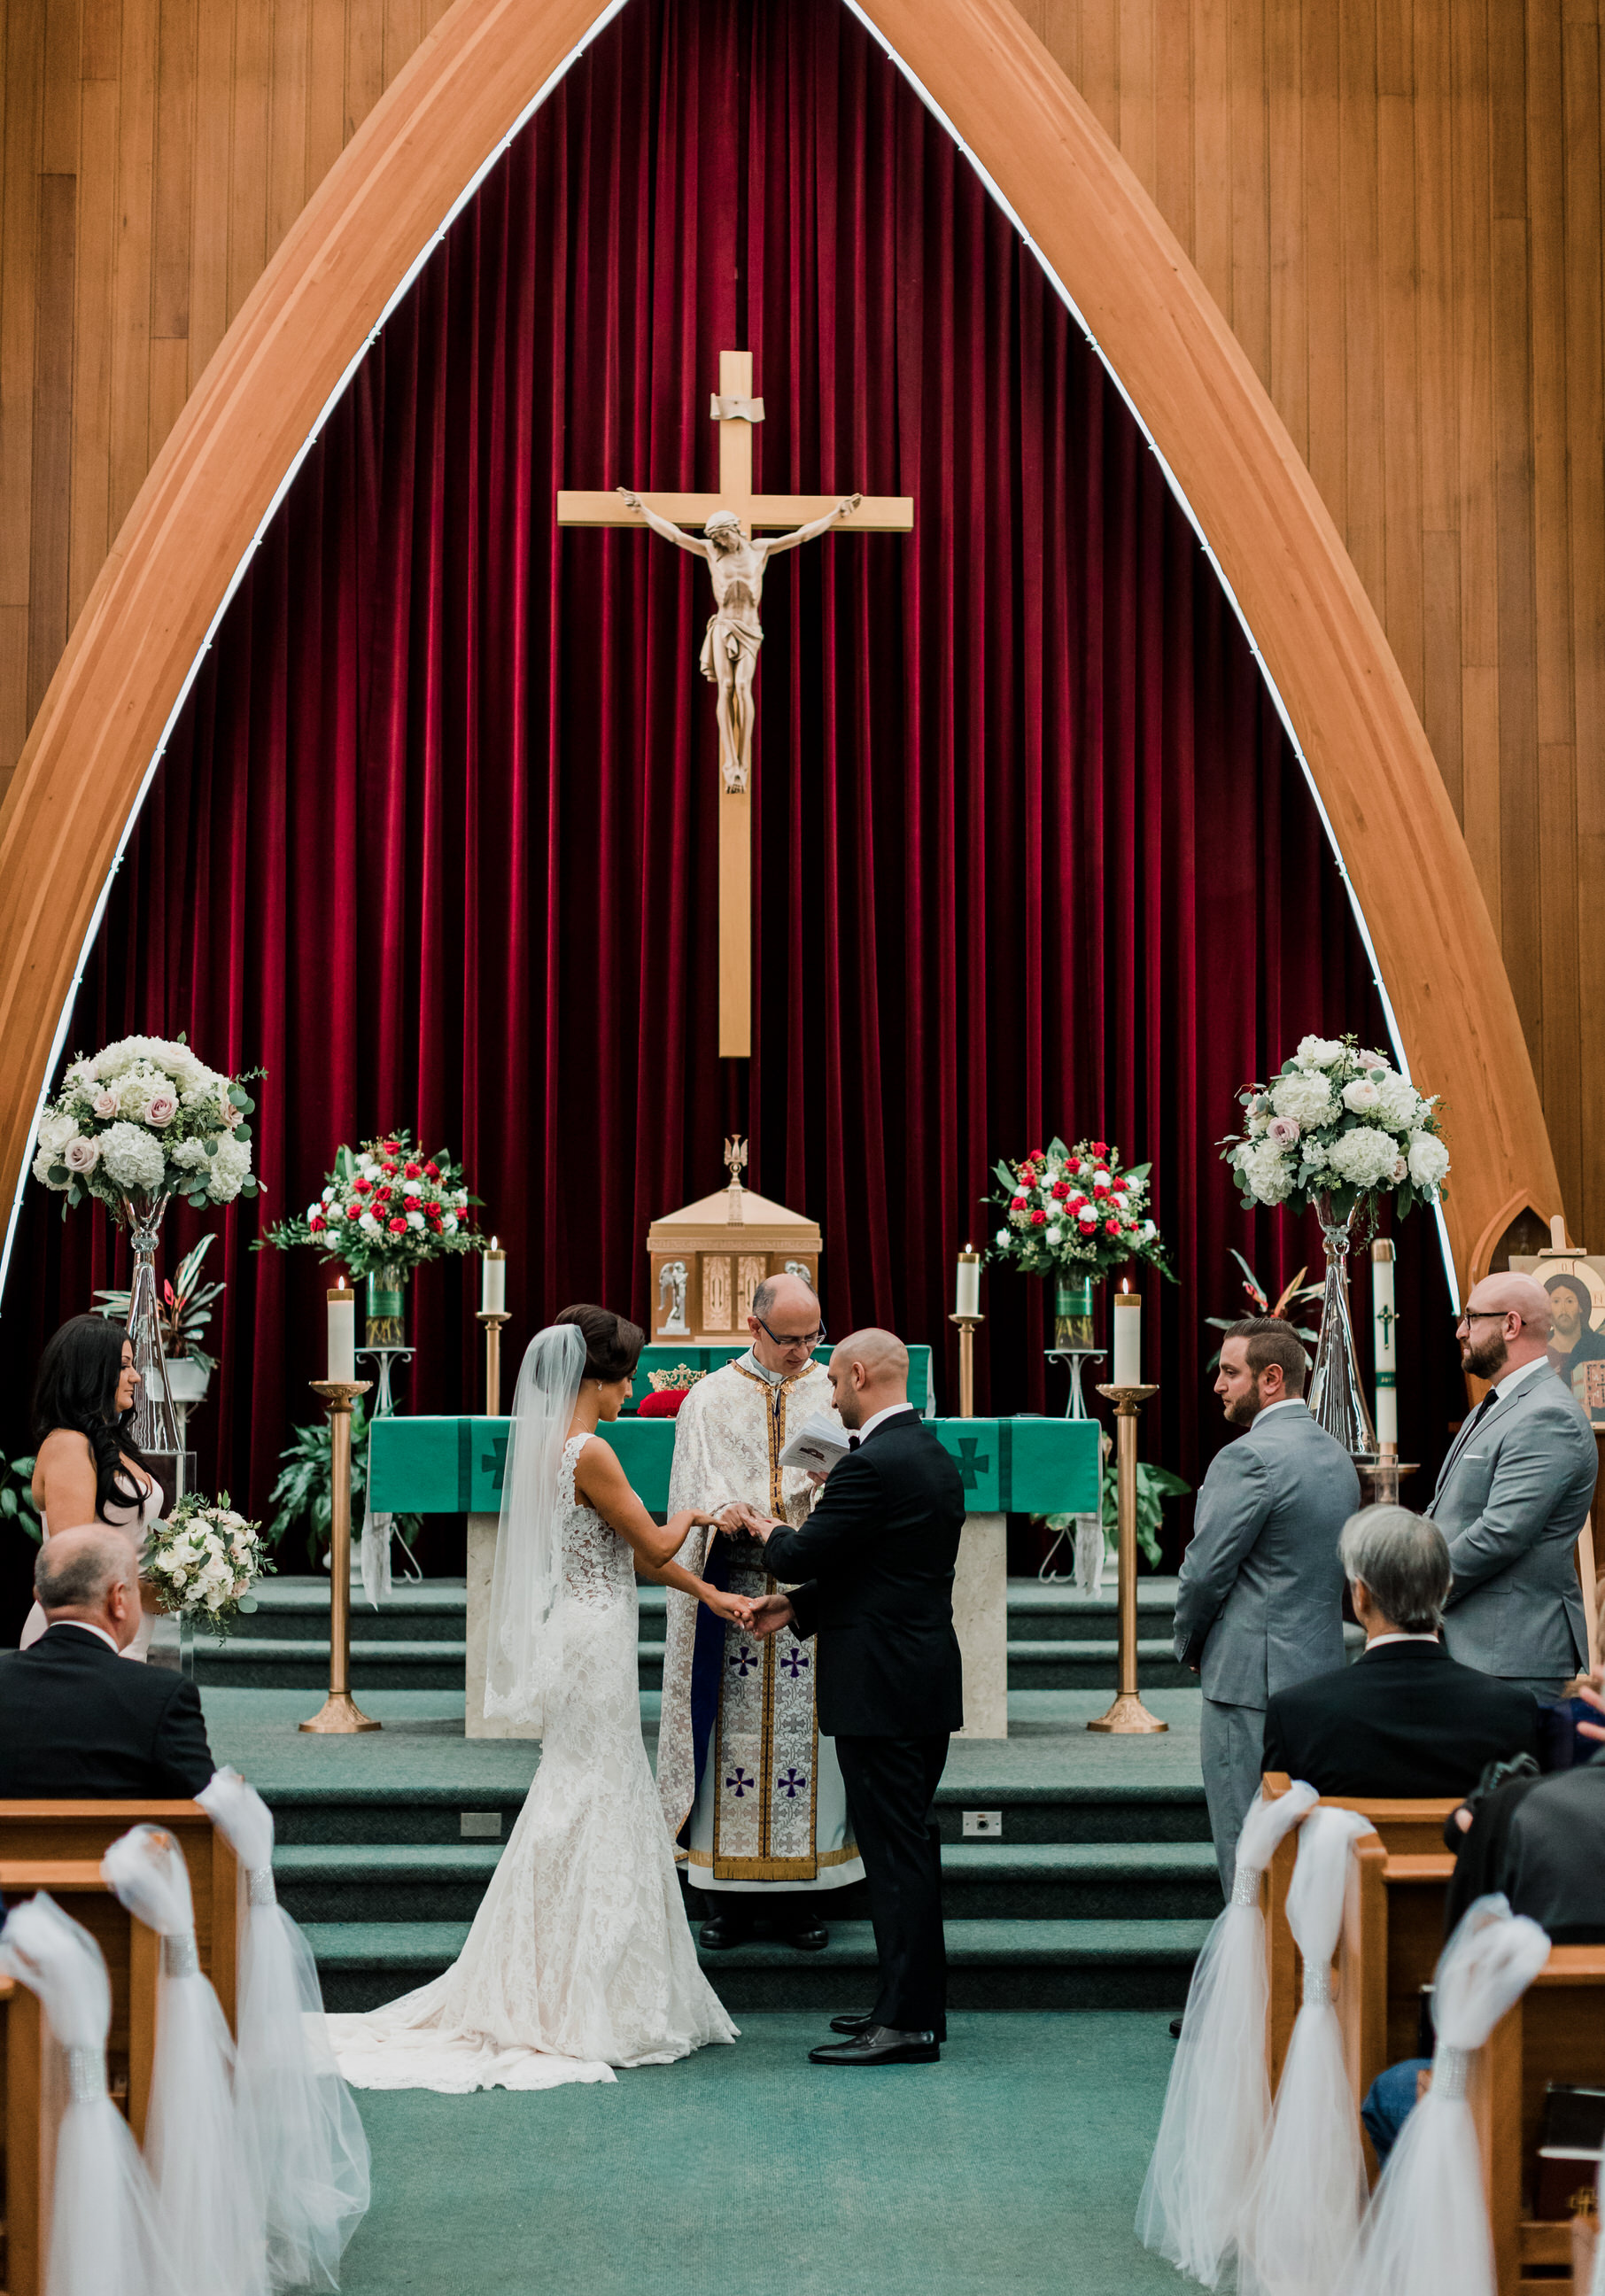 Pitt Meadows Wedding Photographer - Sky Hangar Wedding Photos - Vancouver Wedding Photographer & Videographer - Sunshine Coast Wedding Photos - Sunshine Coast Wedding Photographer - Jennifer Picard Photography - 1A5A0898.jpg